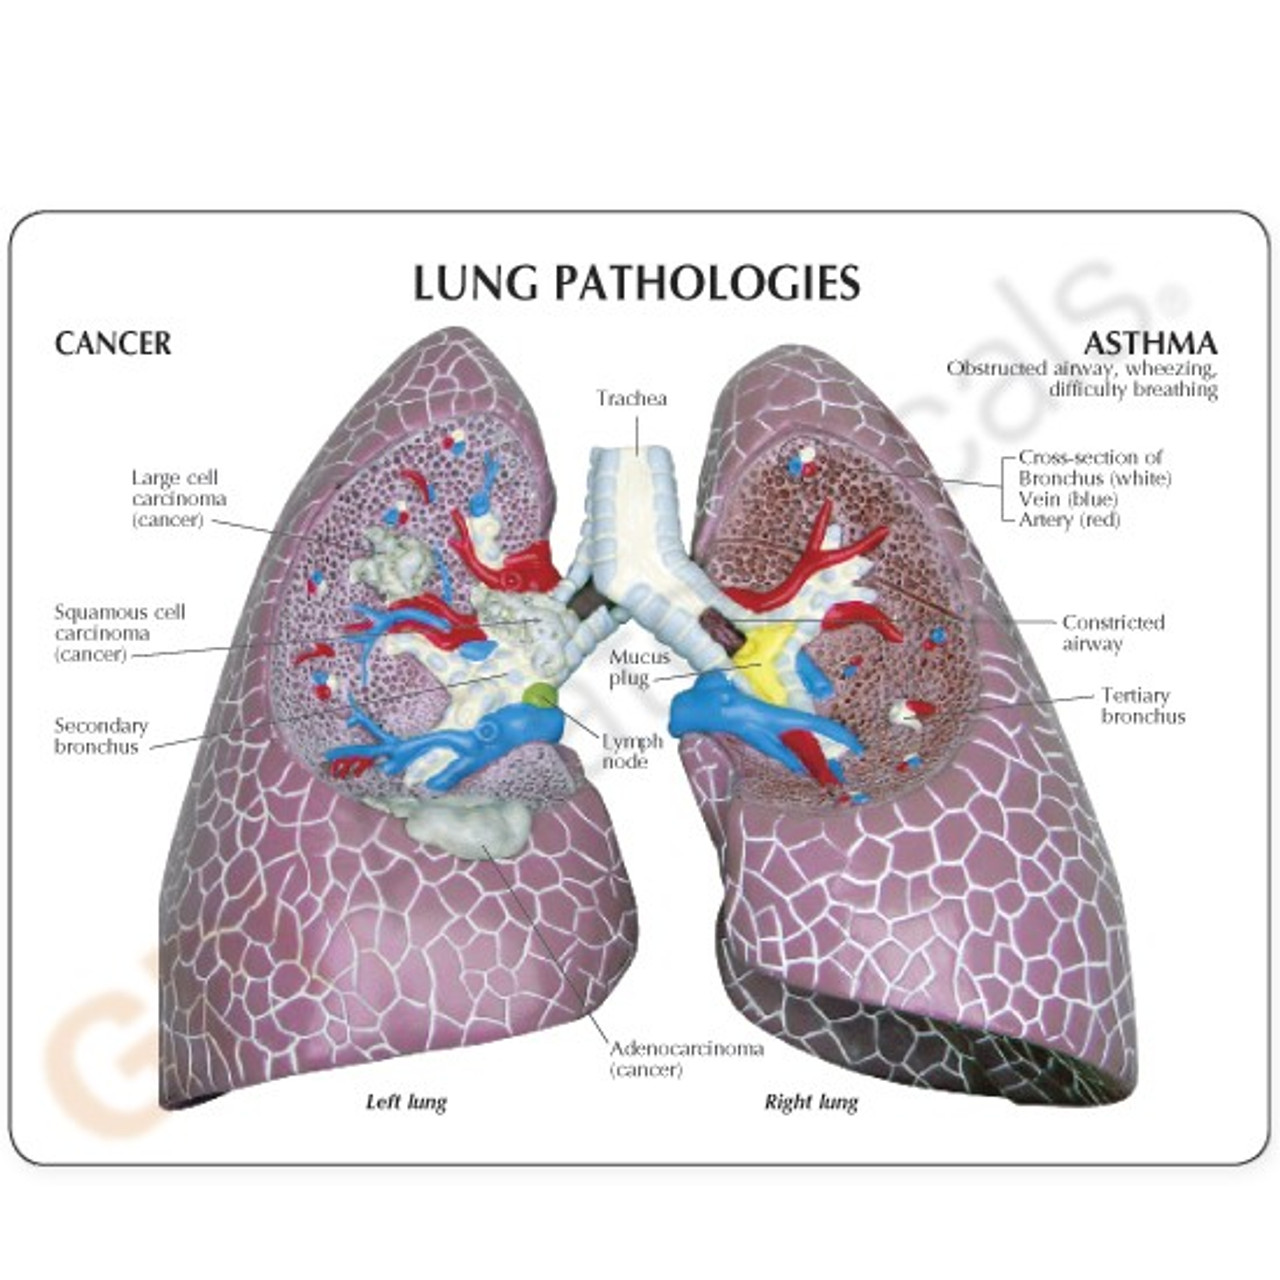 Lung Model Description Card